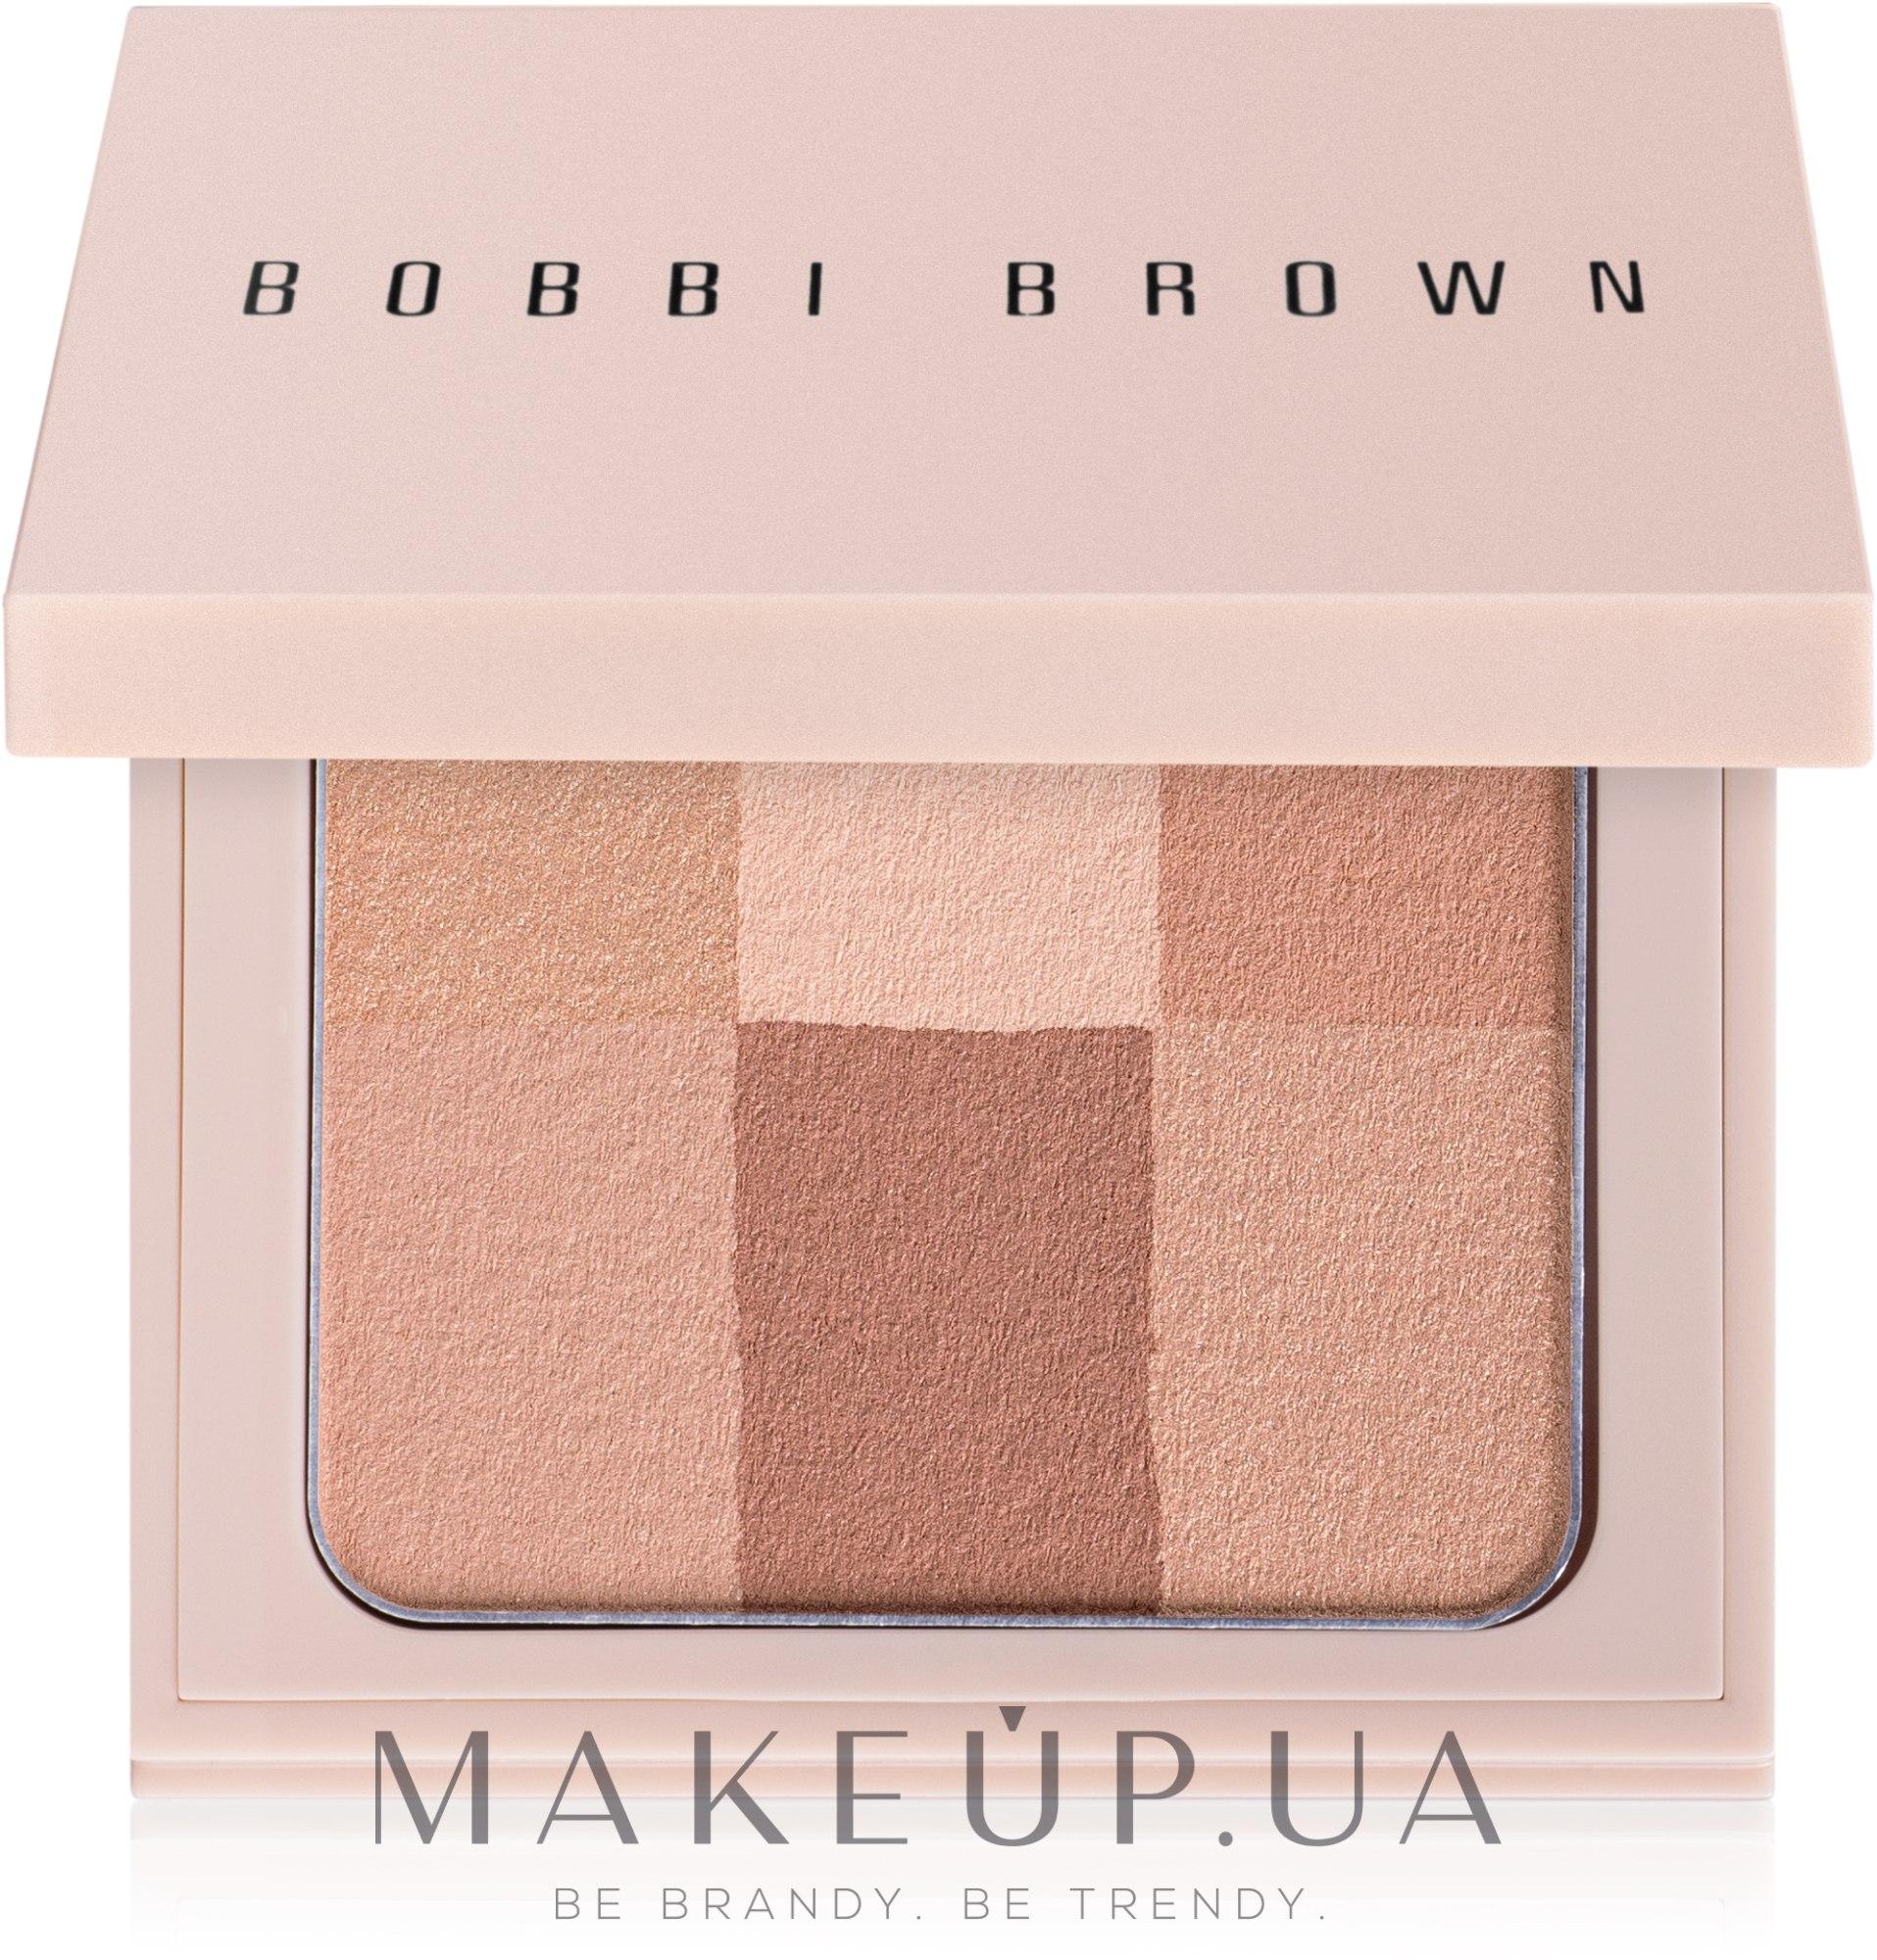 Bobbi Brown Nude Finish Illuminating Powder | Dillards